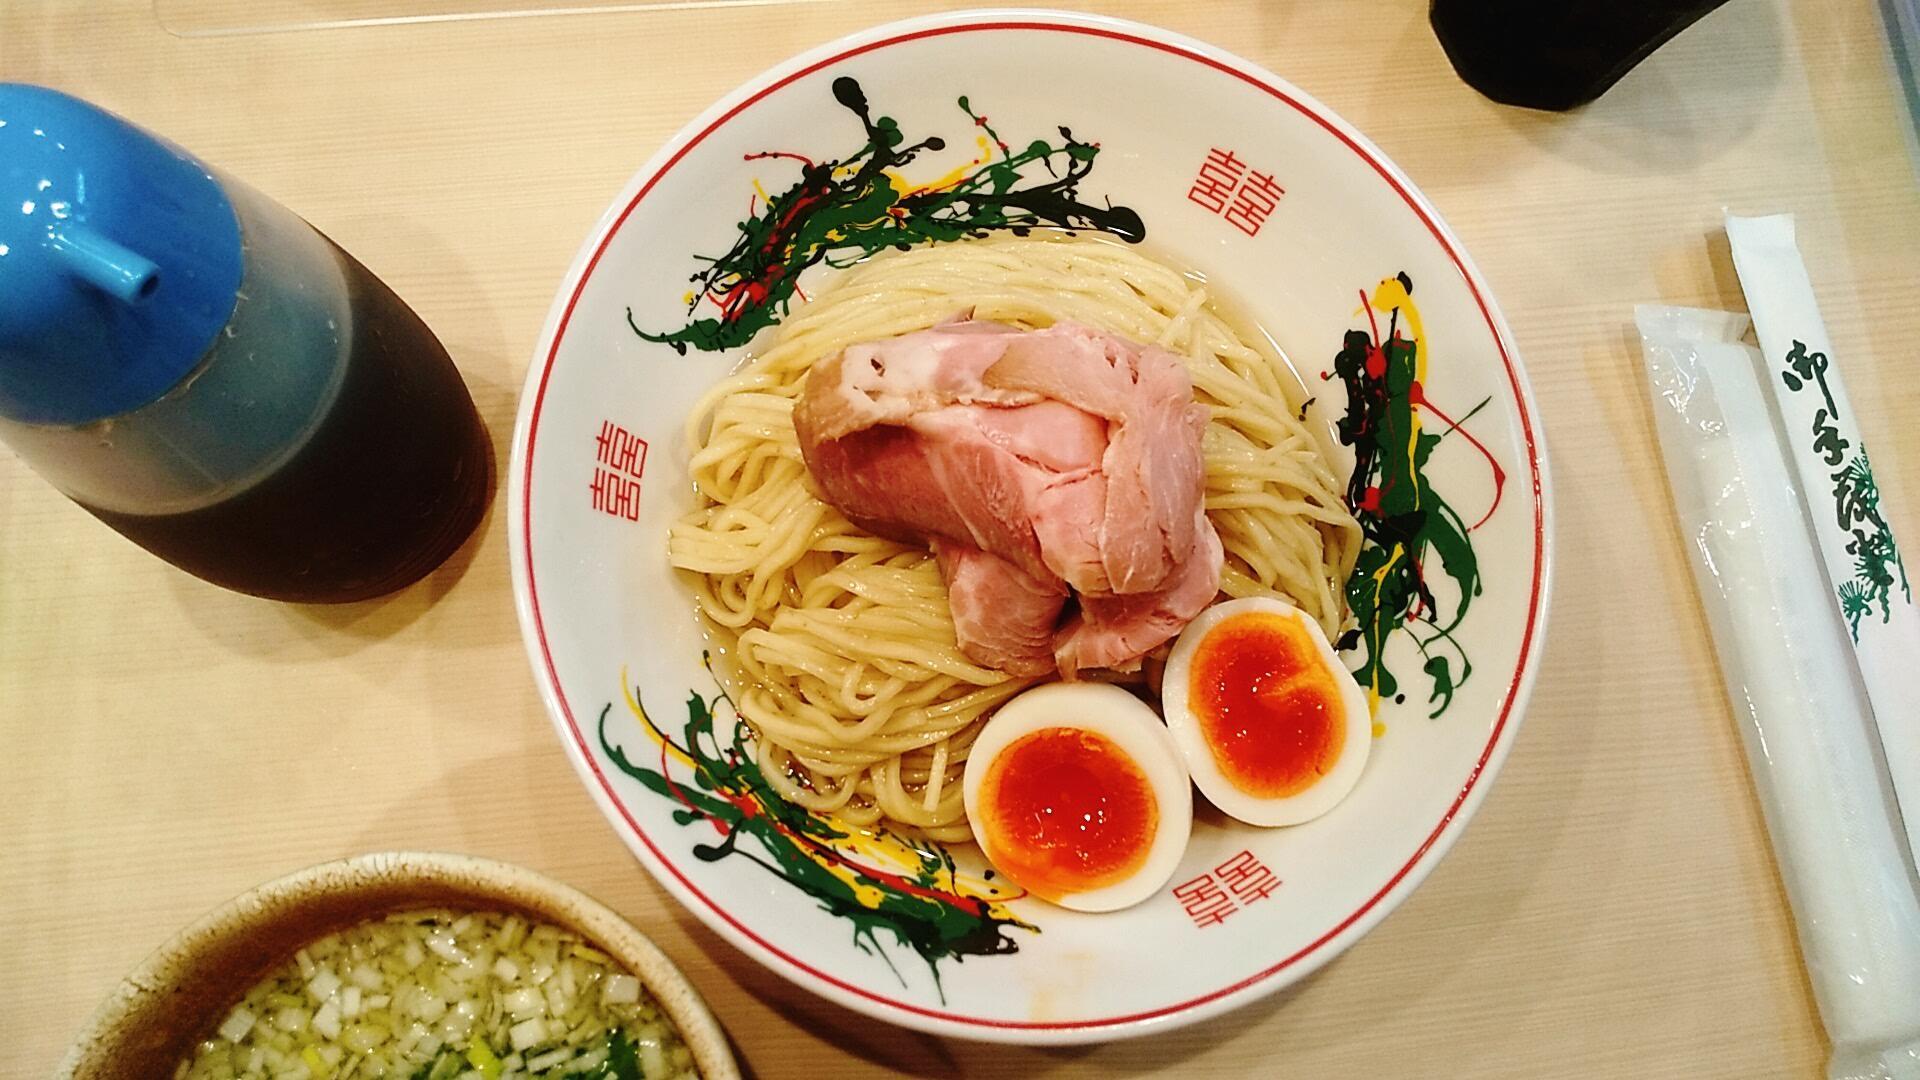 金龍の全部入りつけ麺の麺皿の写真